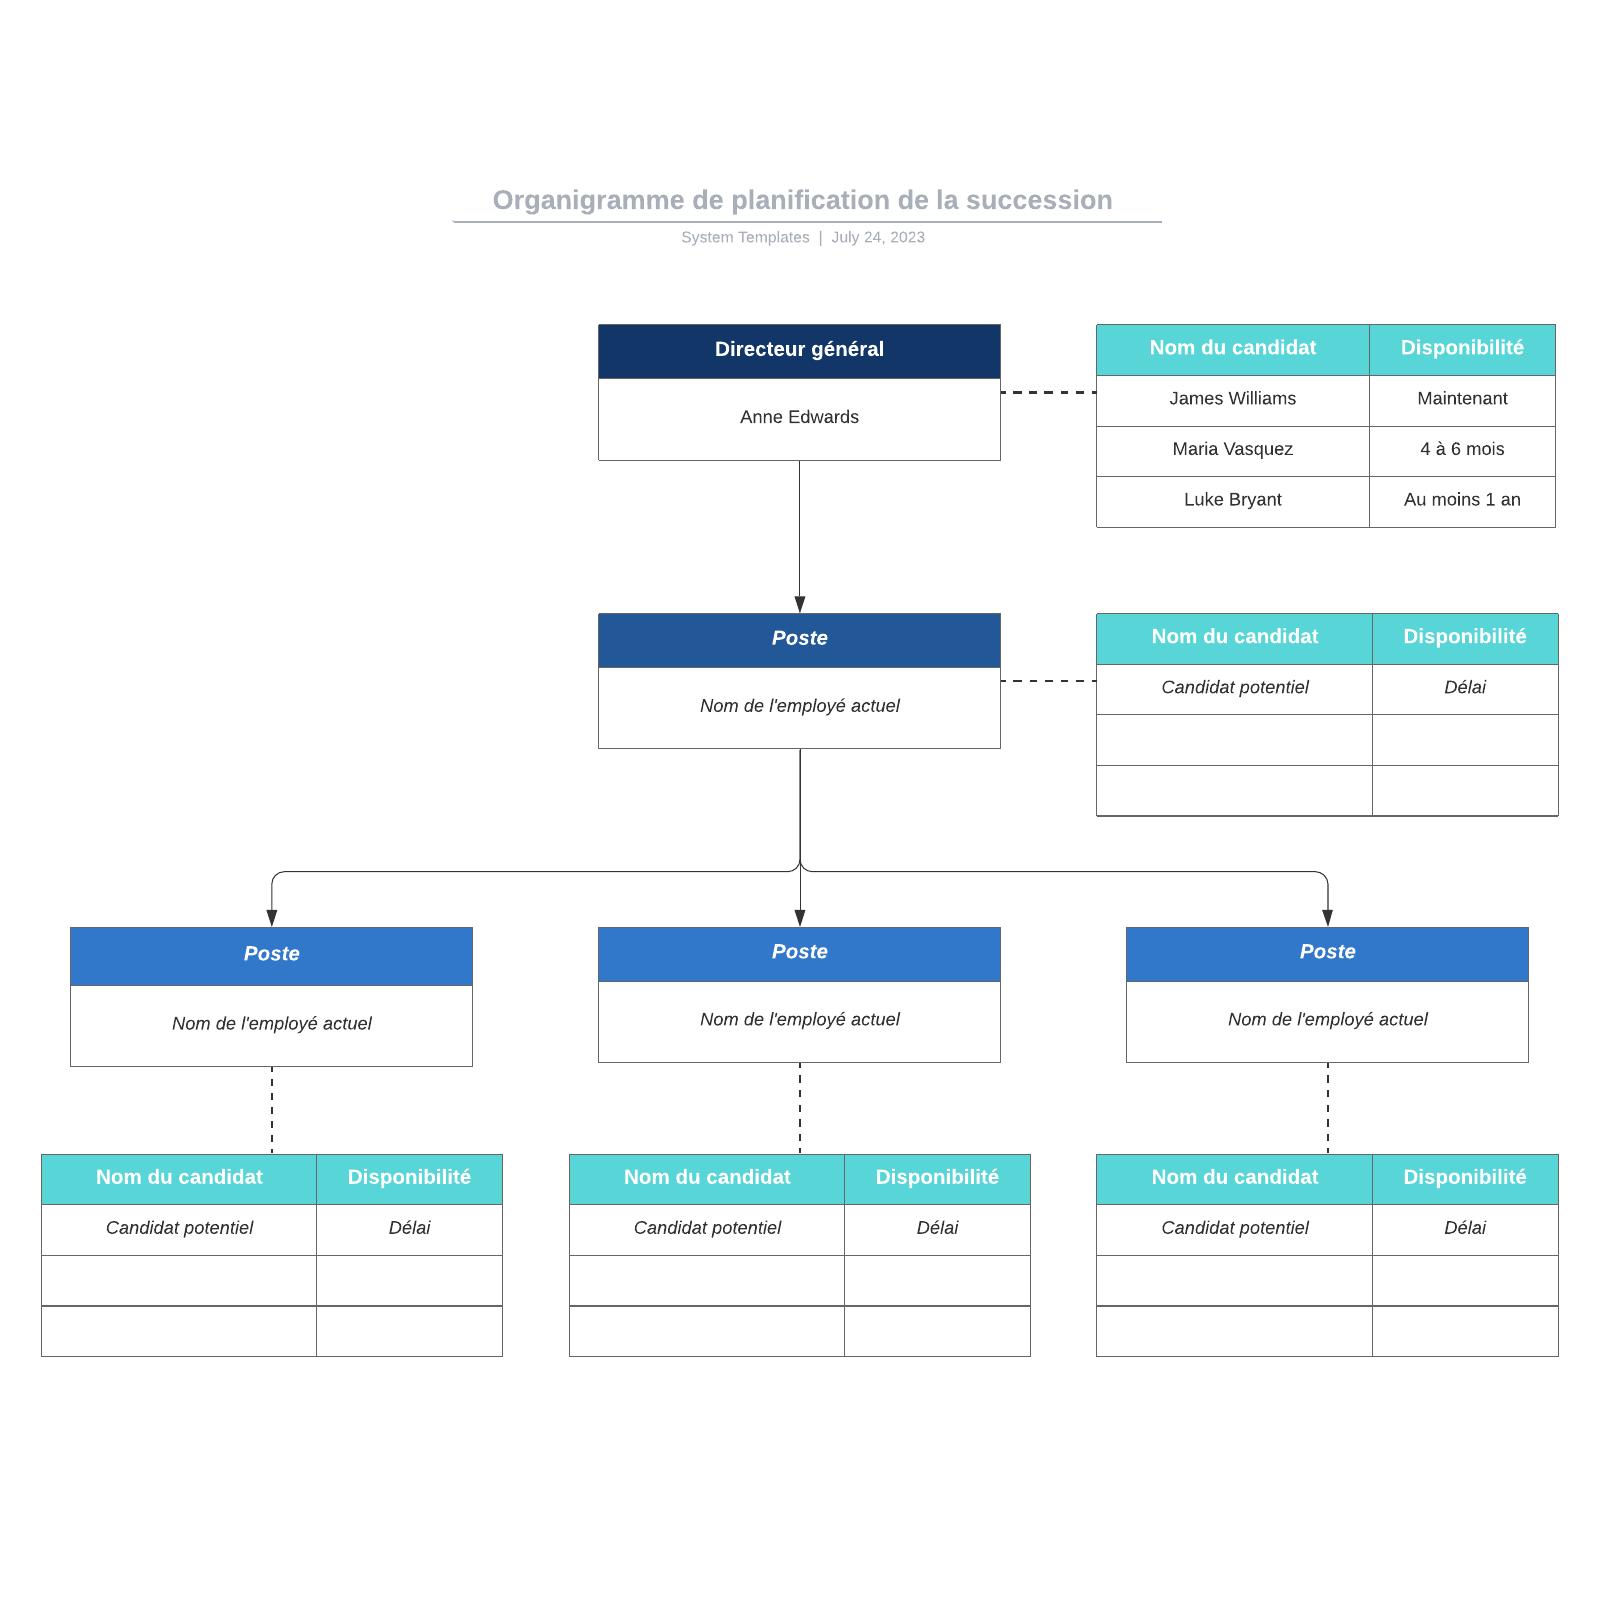 exemple d'organigramme de planification de succession